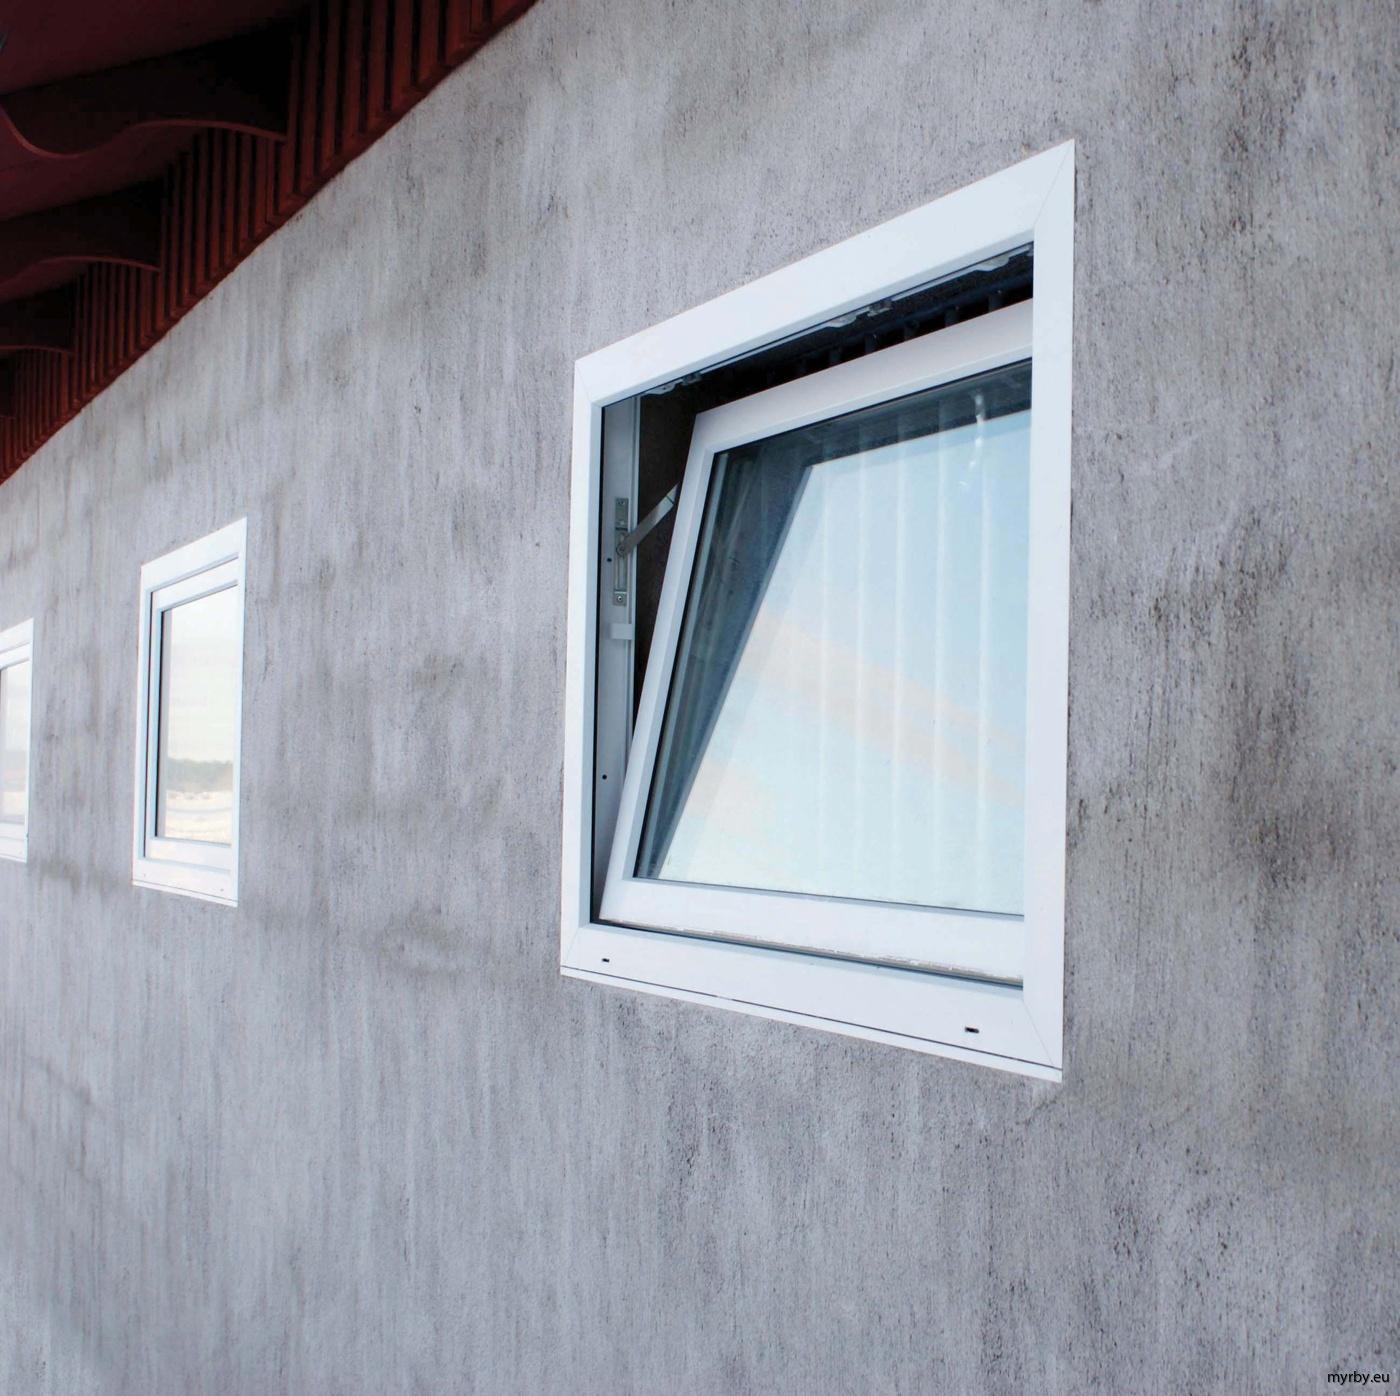 Kompositfönster 2